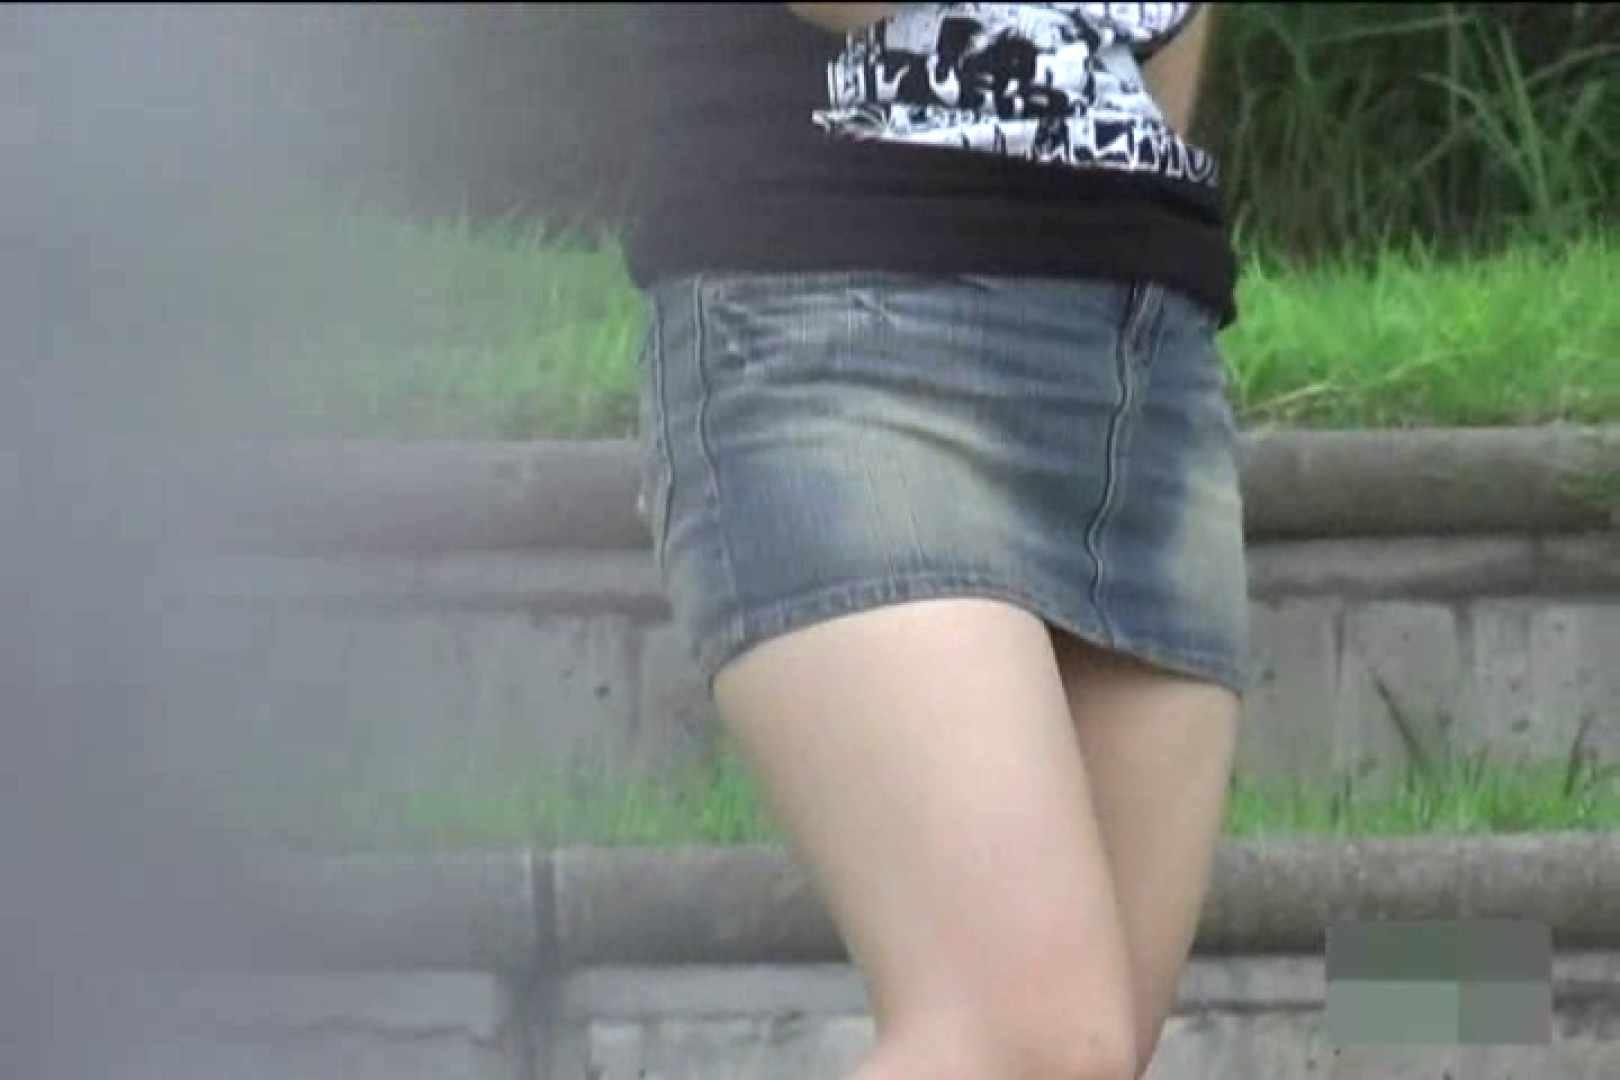 検証!隠し撮りスカートめくり!!Vol.8 ミニスカート  108画像 102